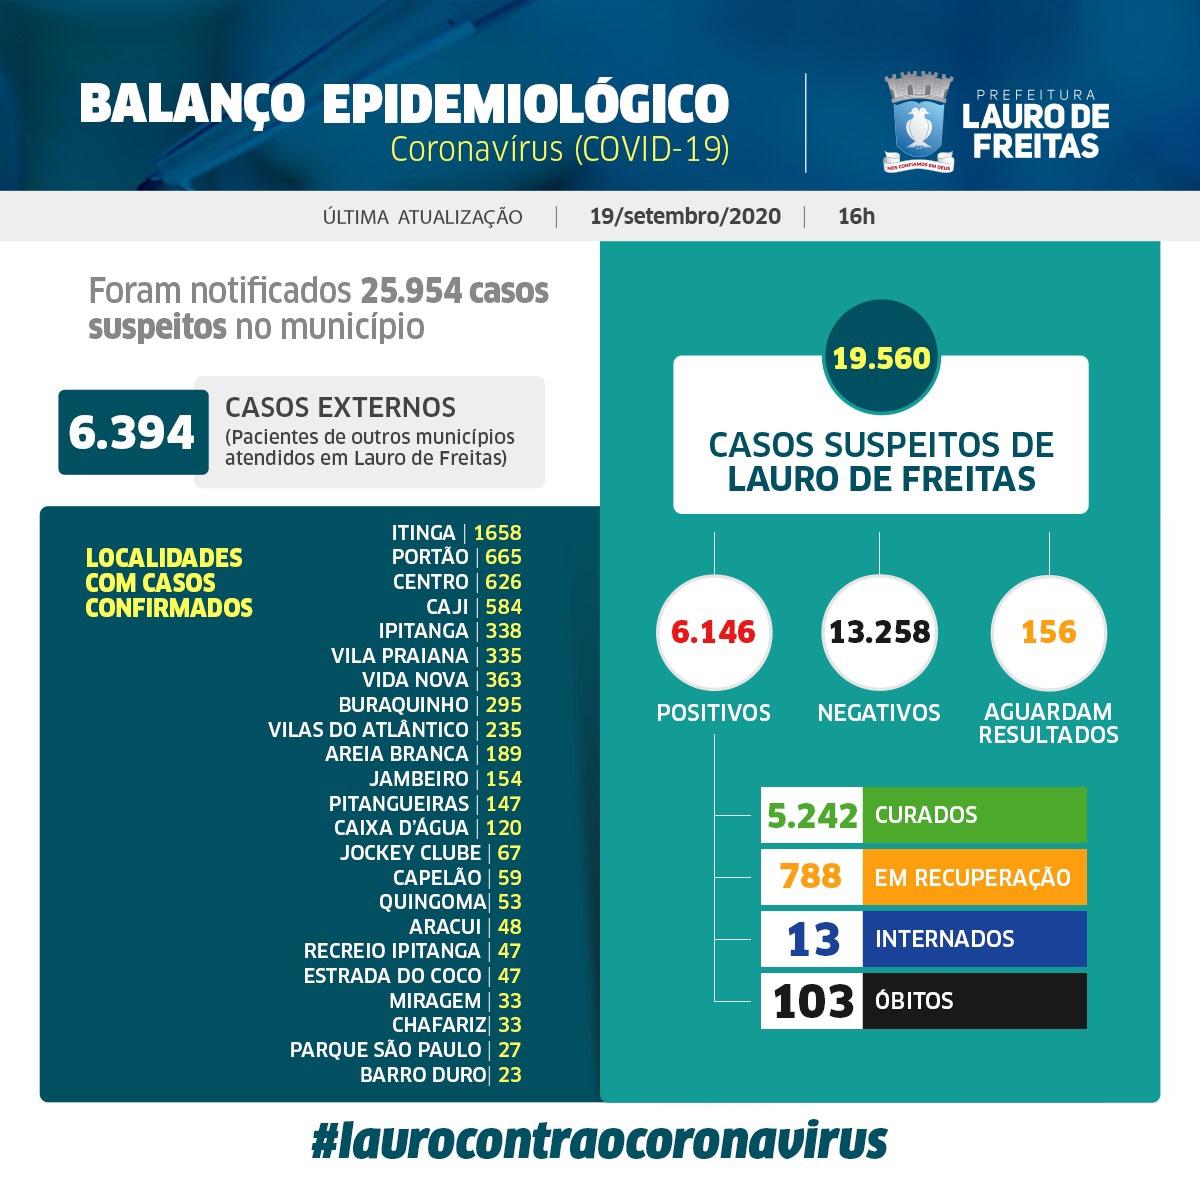 Lauro de Freitas registra 6.146 casos da Covid-19, com 5.242 pessoas já curadas